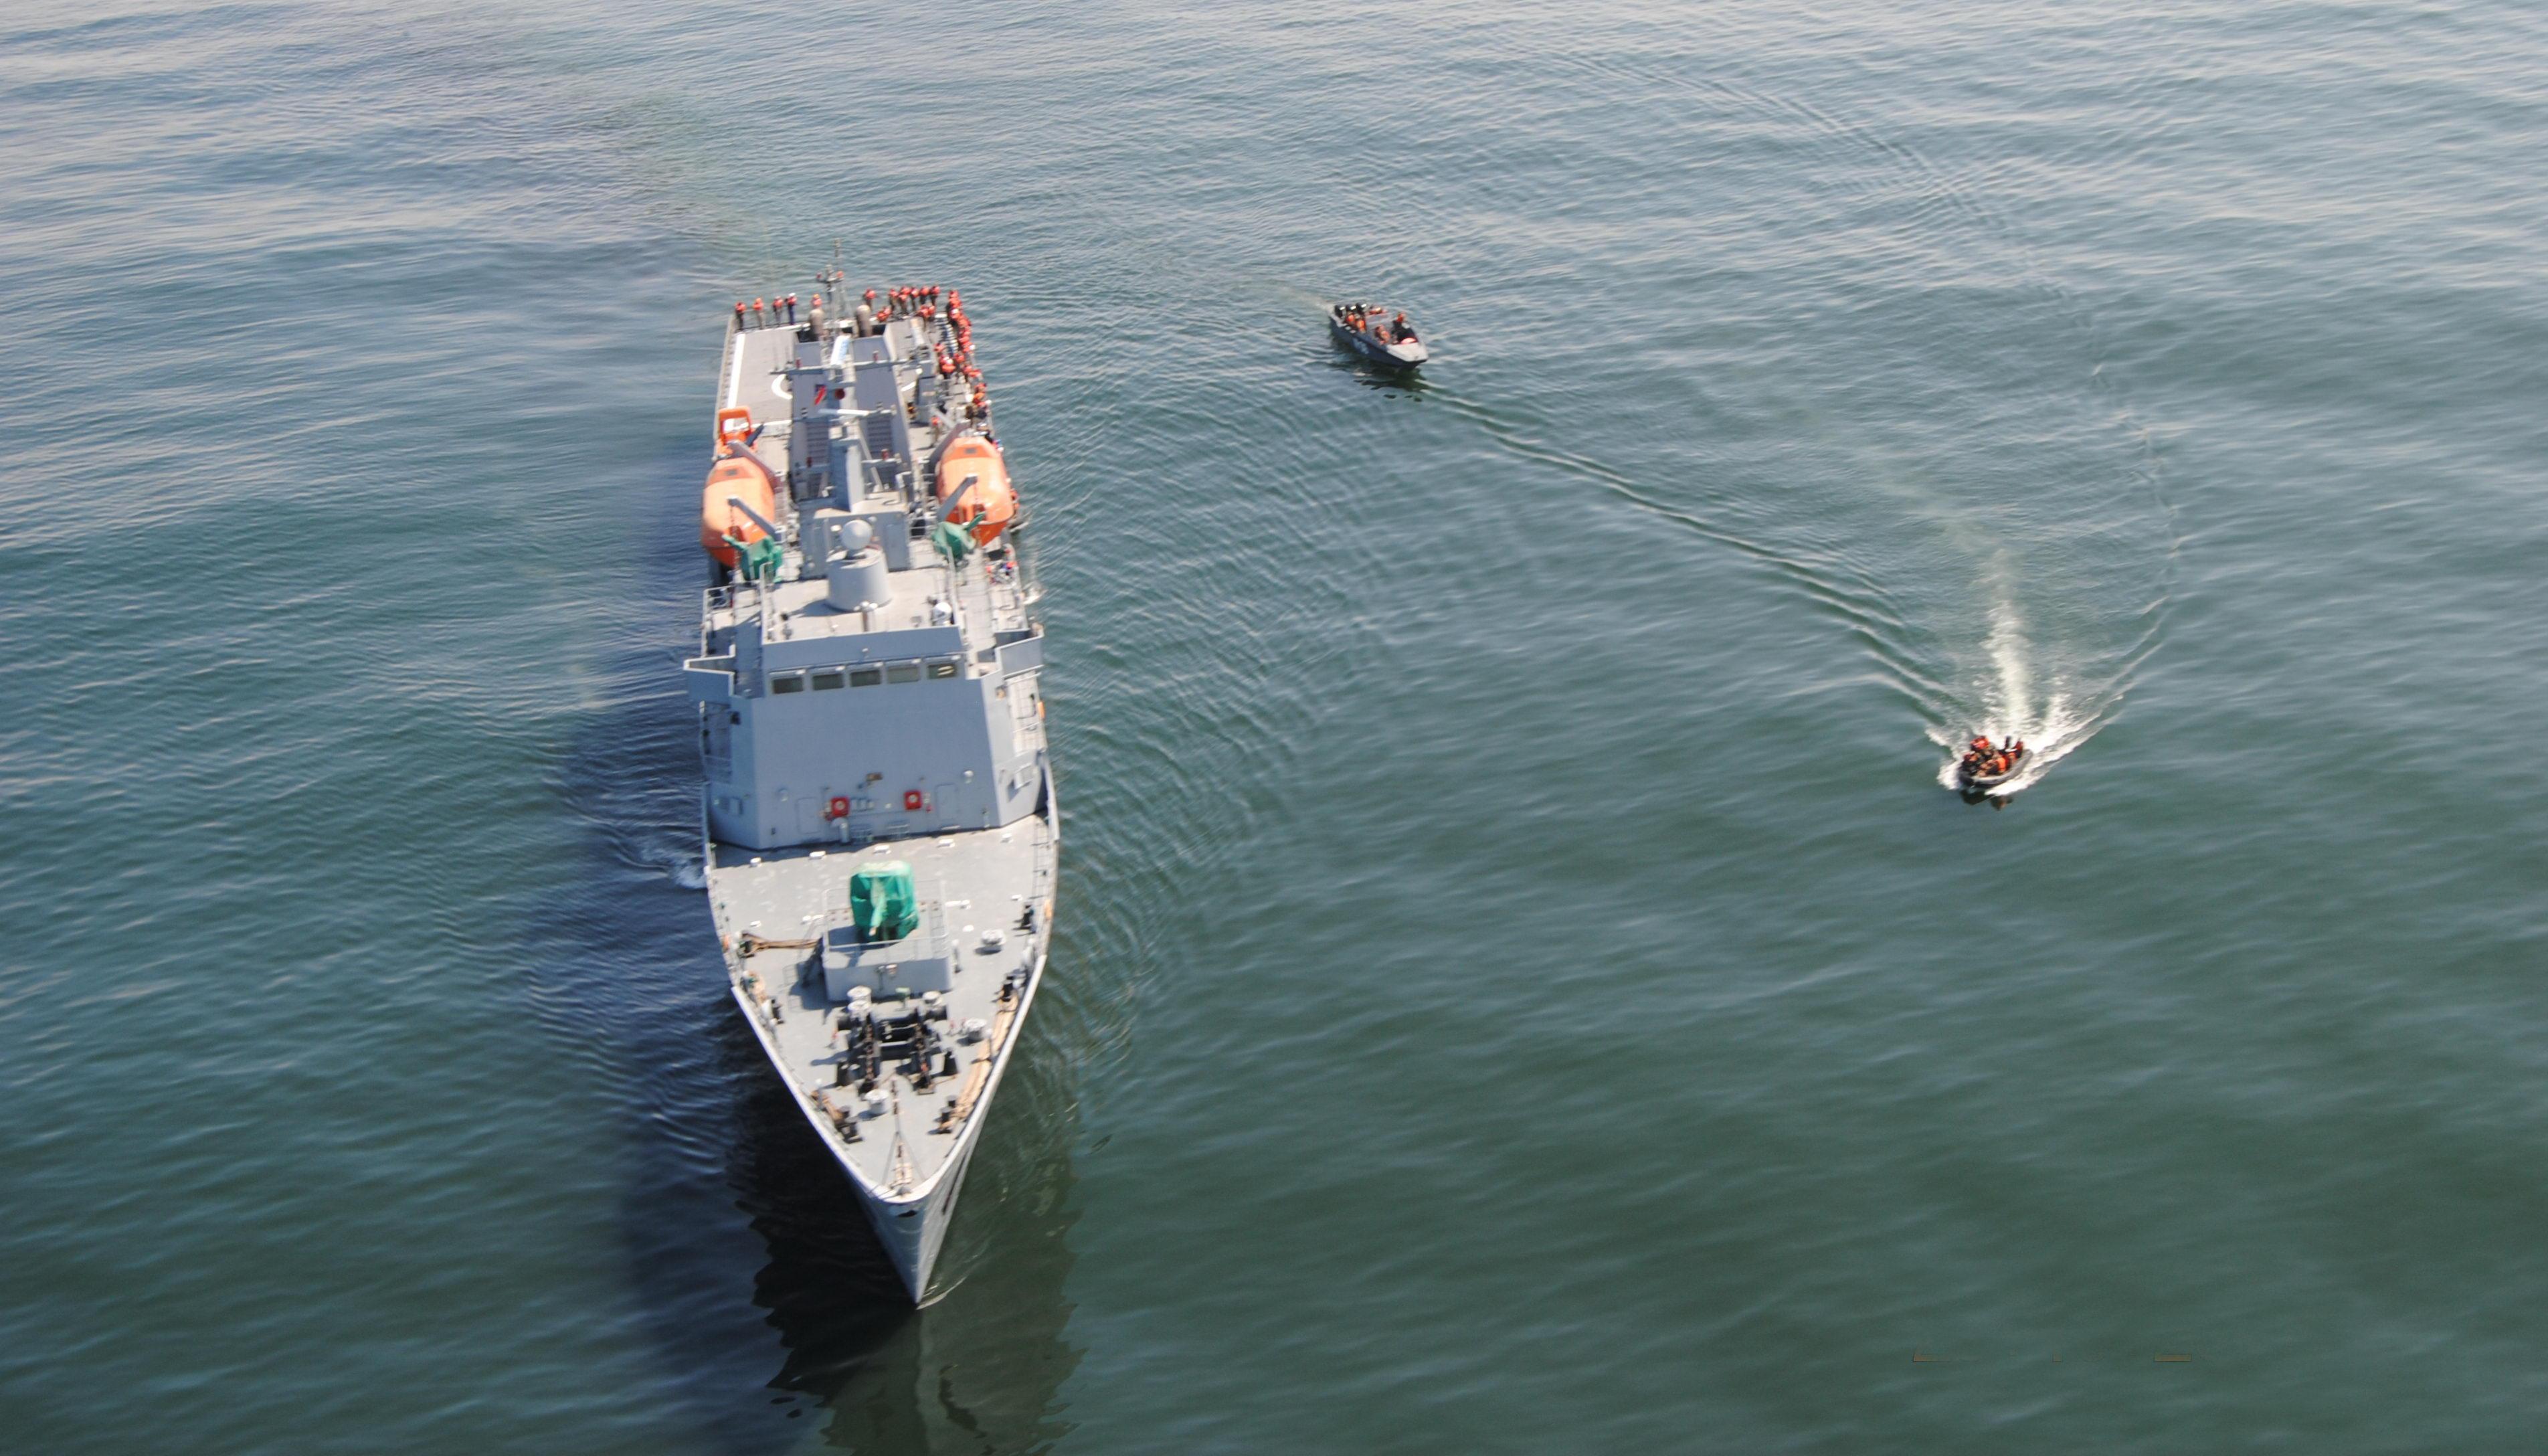 """O navio polivalente NS Elephant (S11) da Marinha da Namíbia, na fase inicial da """"Operação Chacal"""", dia 29 de outubro de 2014. Fabricado pelo estaleiro chinês WUHAN, tem 109 metros de comprimento e desloca 2.580 toneladas, sendo armado com um canhão de 37 mm e dois reparos duplos de metralhadoras calibre 14,5x114 mm. (Imagem: Comando Geral do Corpo de Fuzileiros Navais)"""